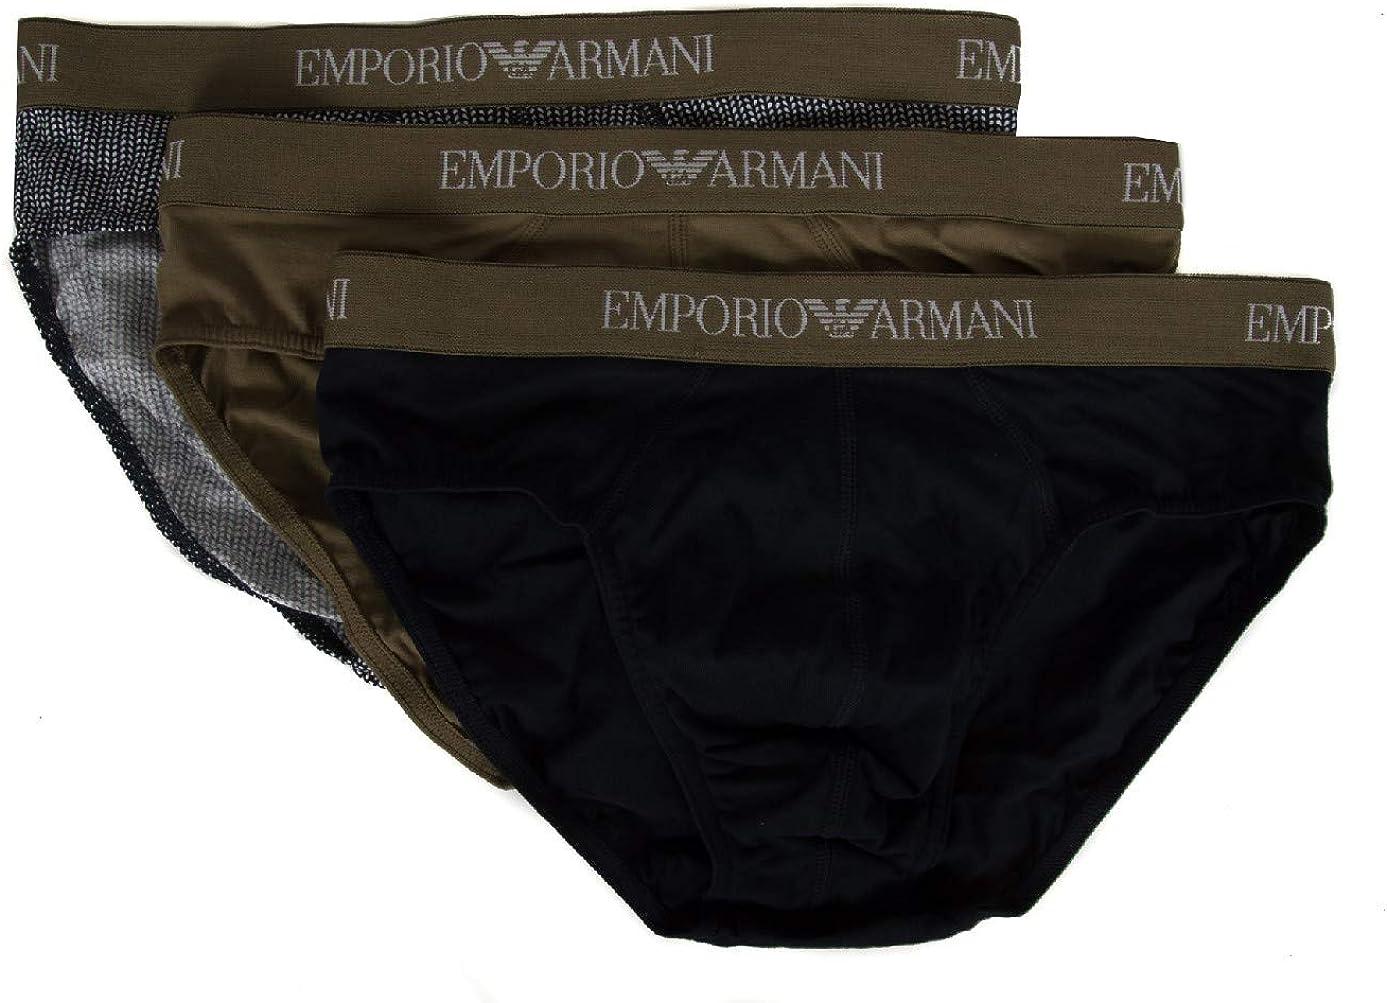 Pack 3 brief men's slip man tripack underwear EMPORIO ARMANI item 111624 9P722